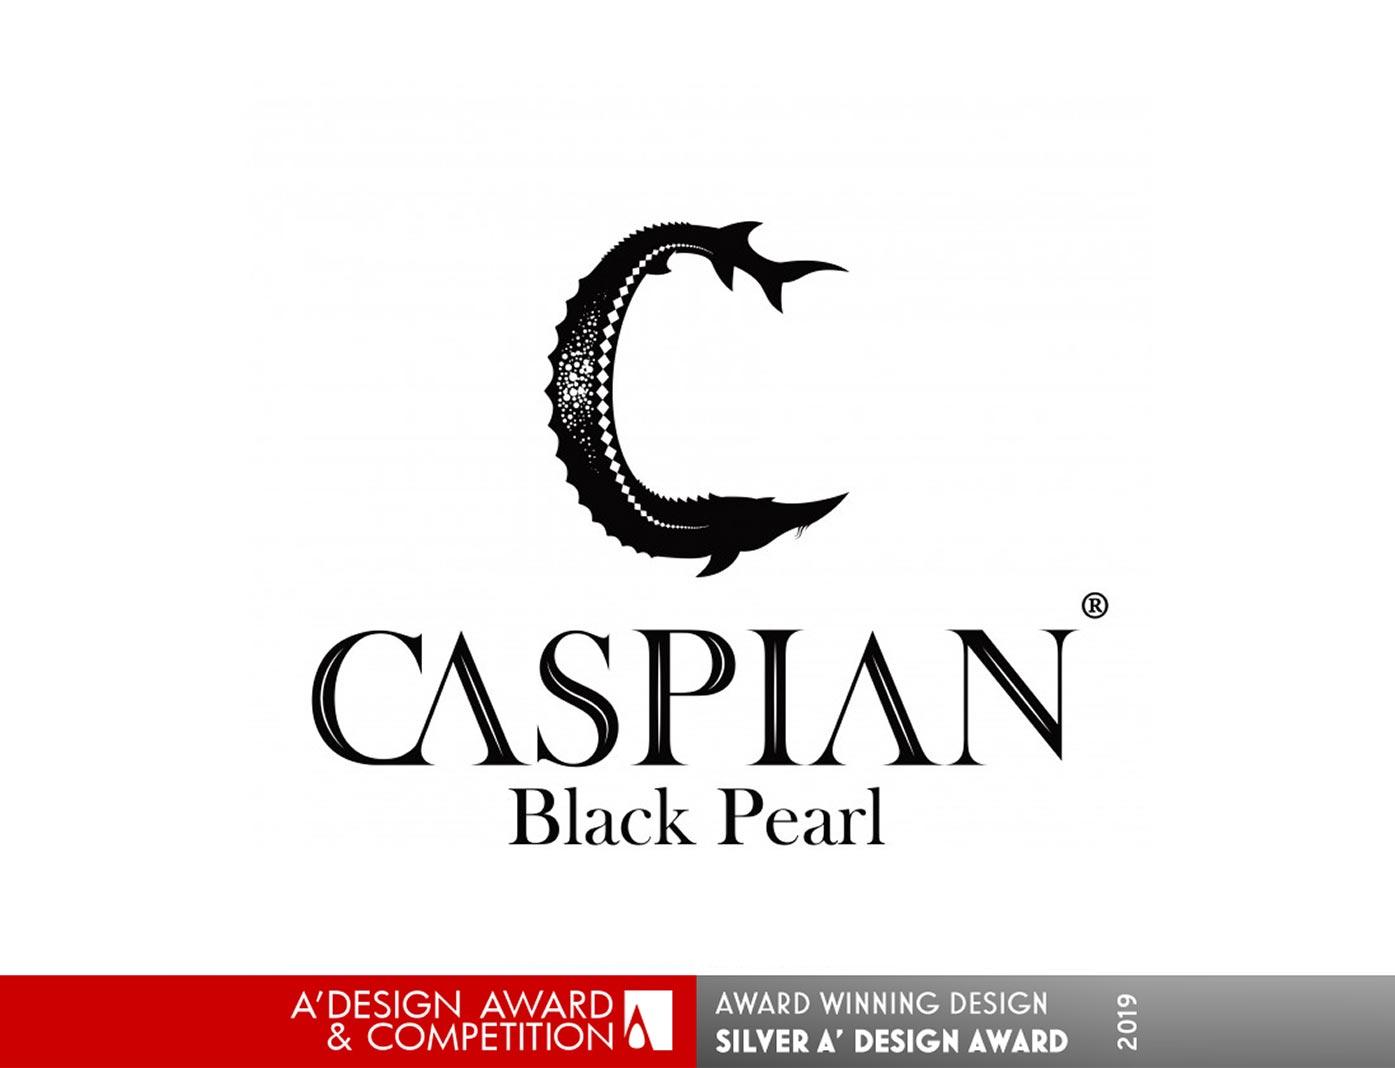 CASPIAN BLACK PEARL